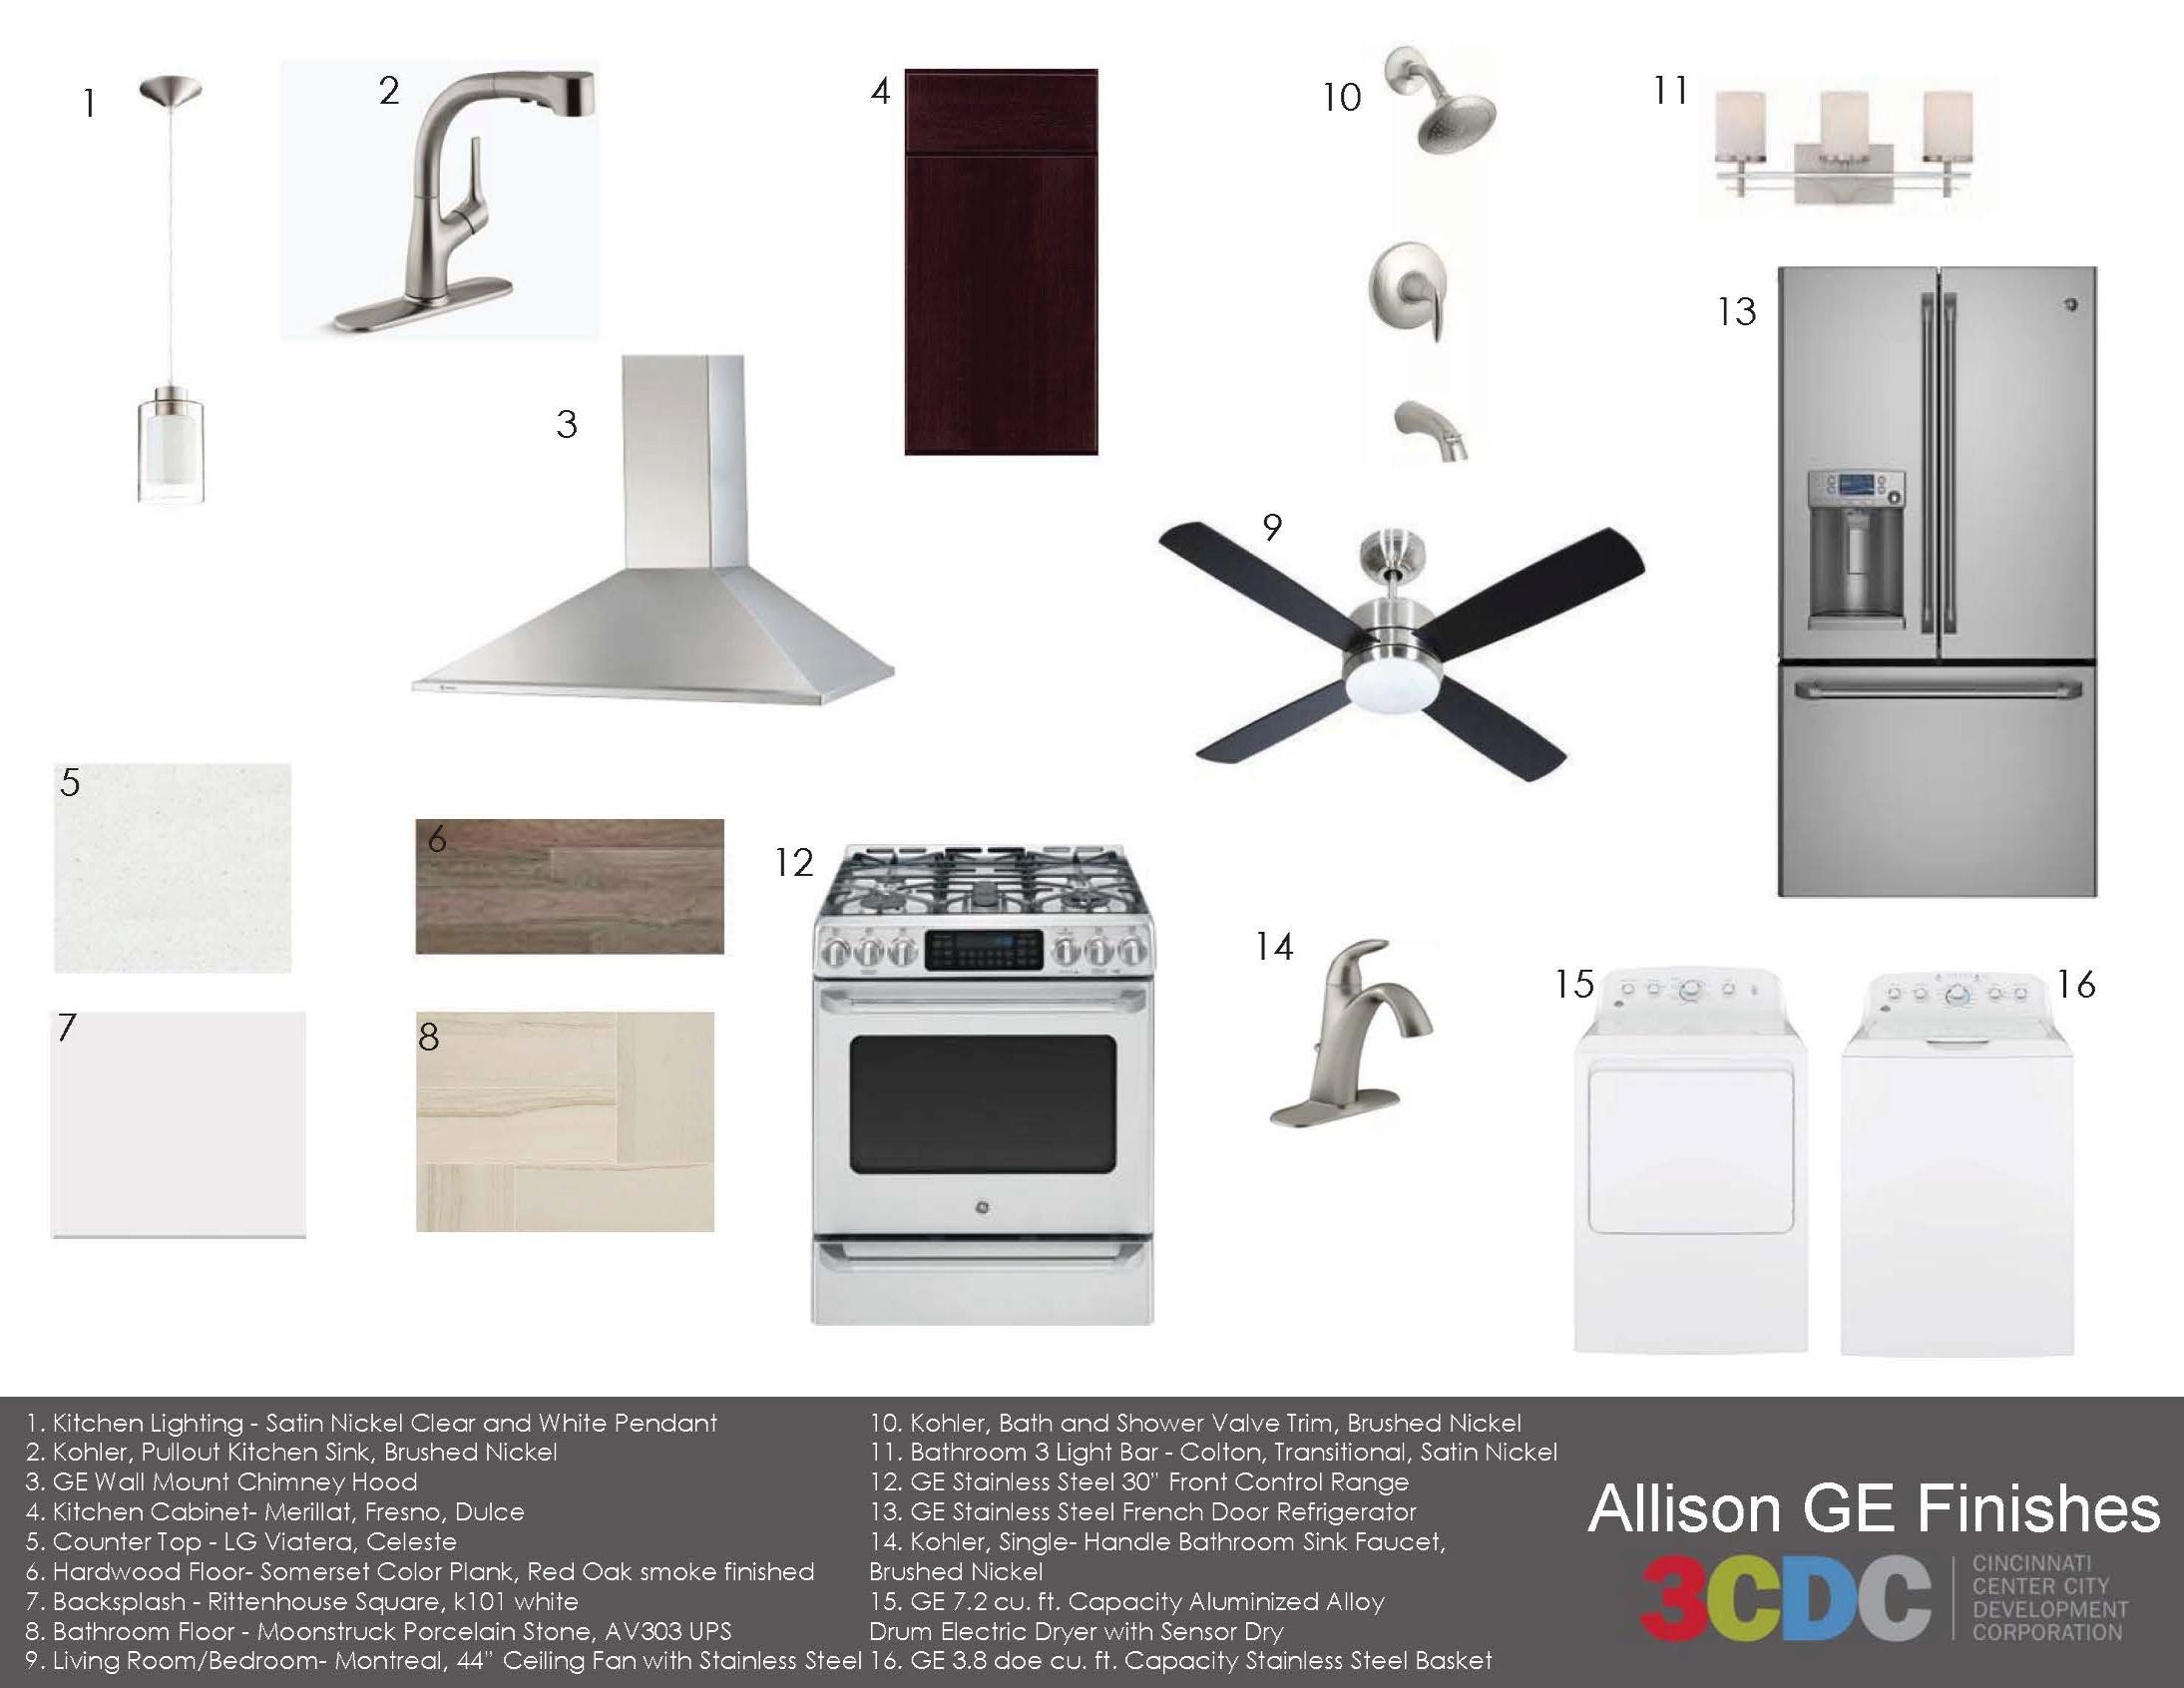 Allison-GE-Finishings-Board-2